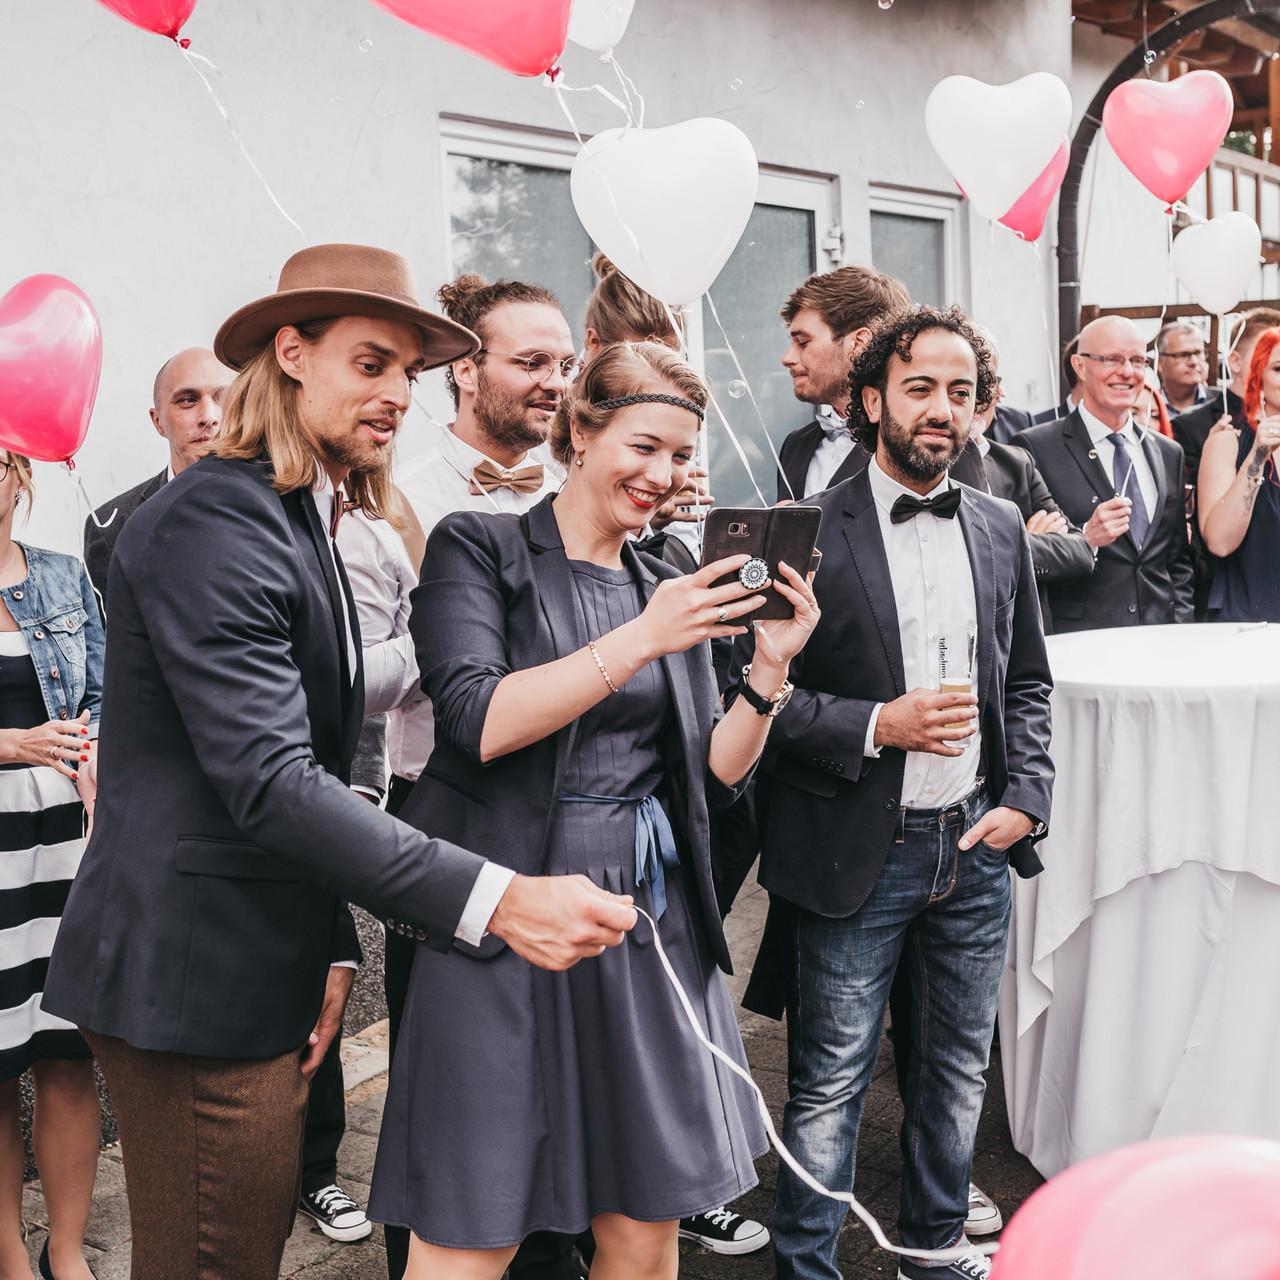 Freie Trauung in der Eventscheune vom Landgasthof Scherer. Hochzeitsreportage mit Lara & Andreas im Sauerland.